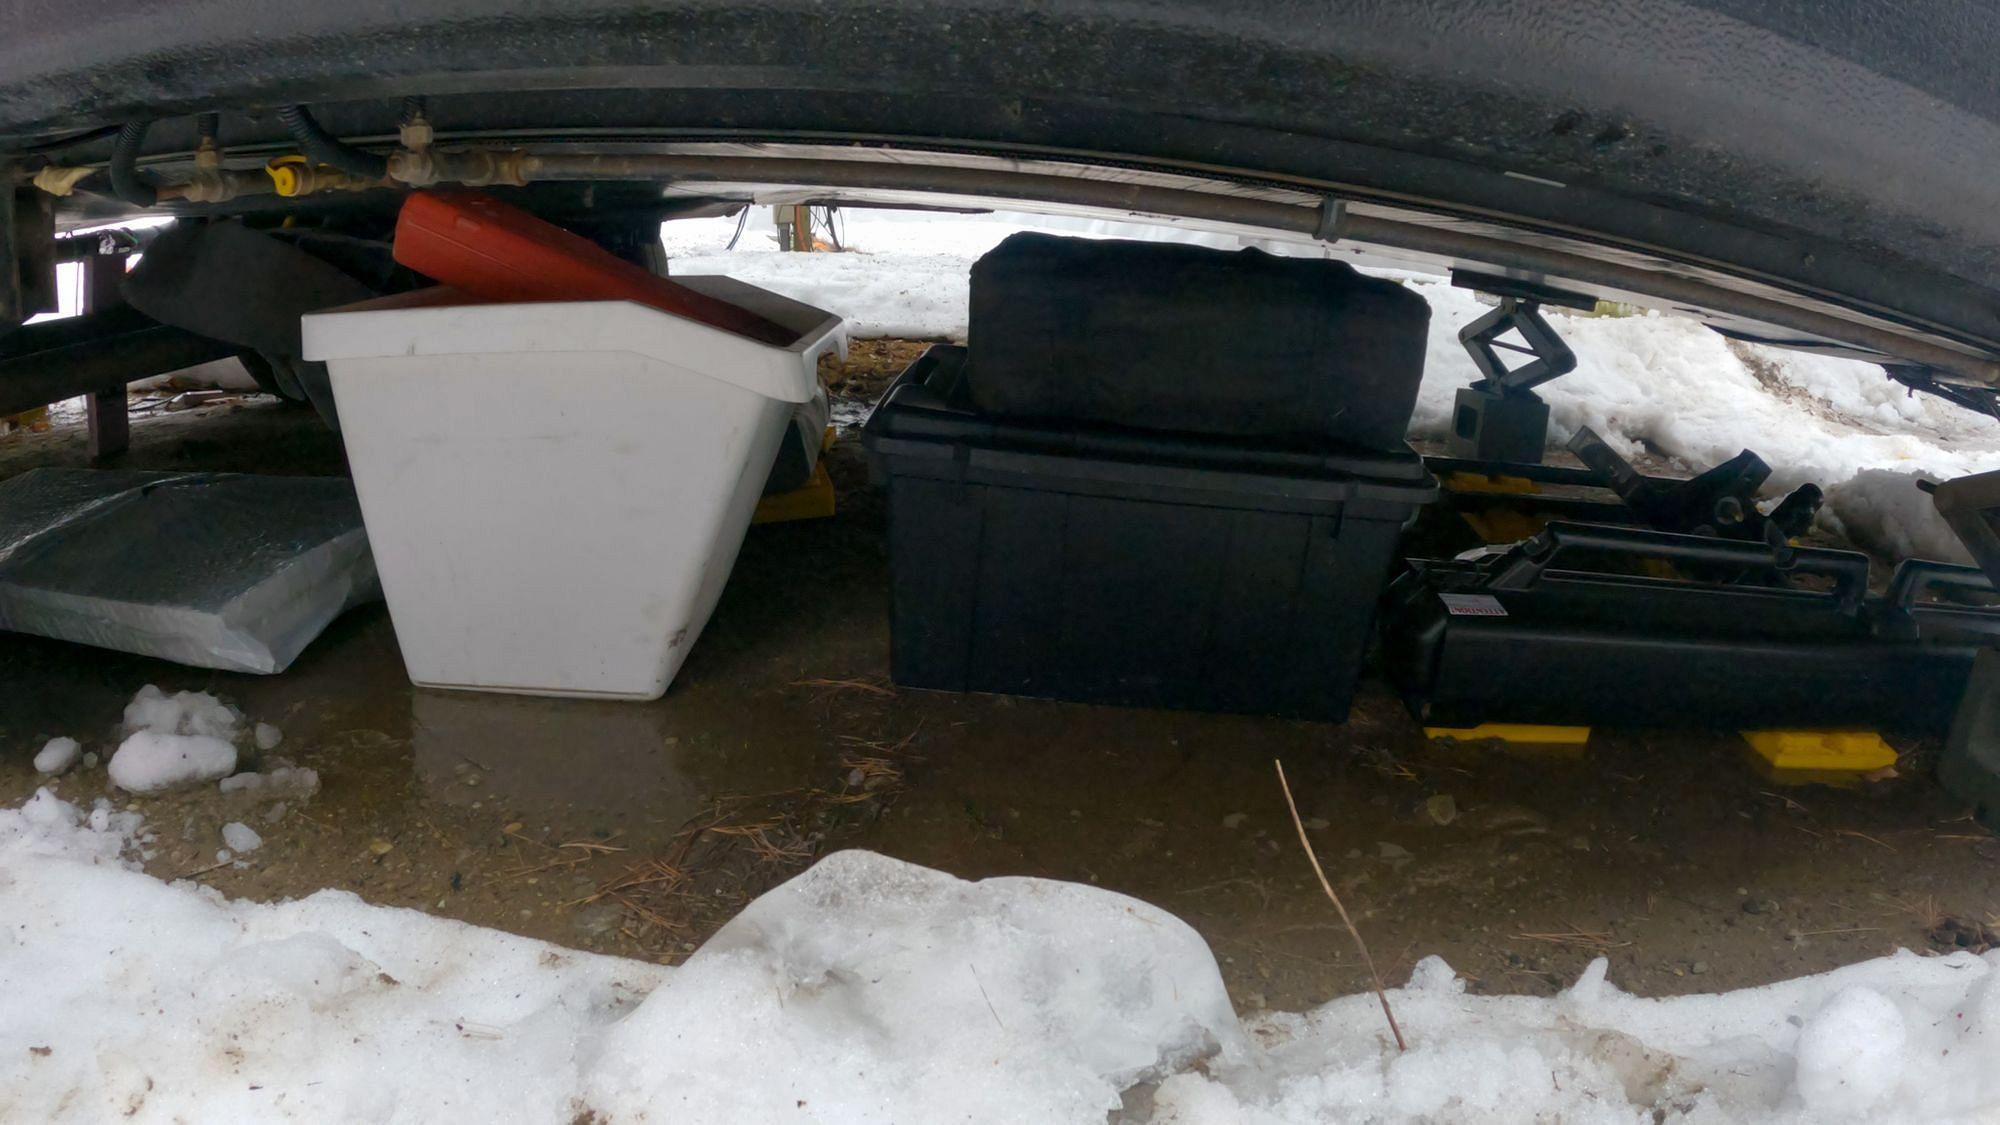 Under RV Storage